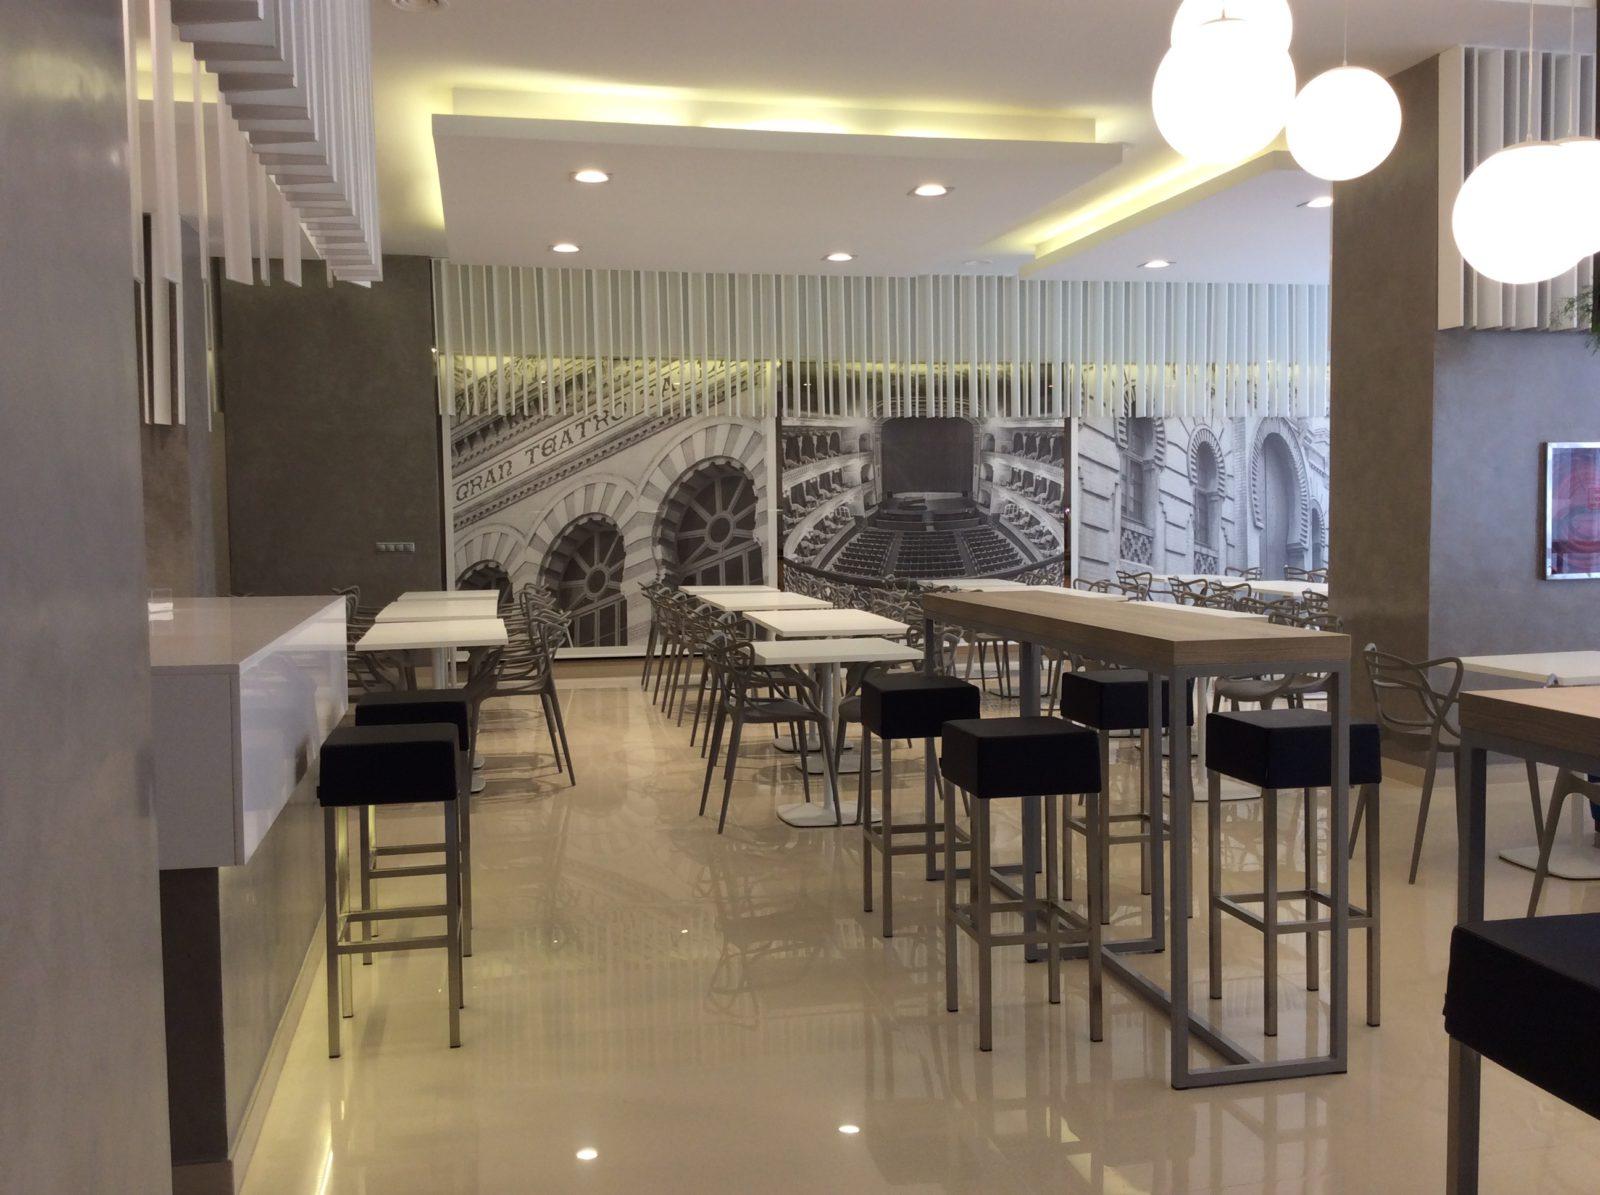 el teatro falla en el bar cafeteria hotel monte puertatierra - Bar cafetería hotel Monte Puertatierra. Cadiz.